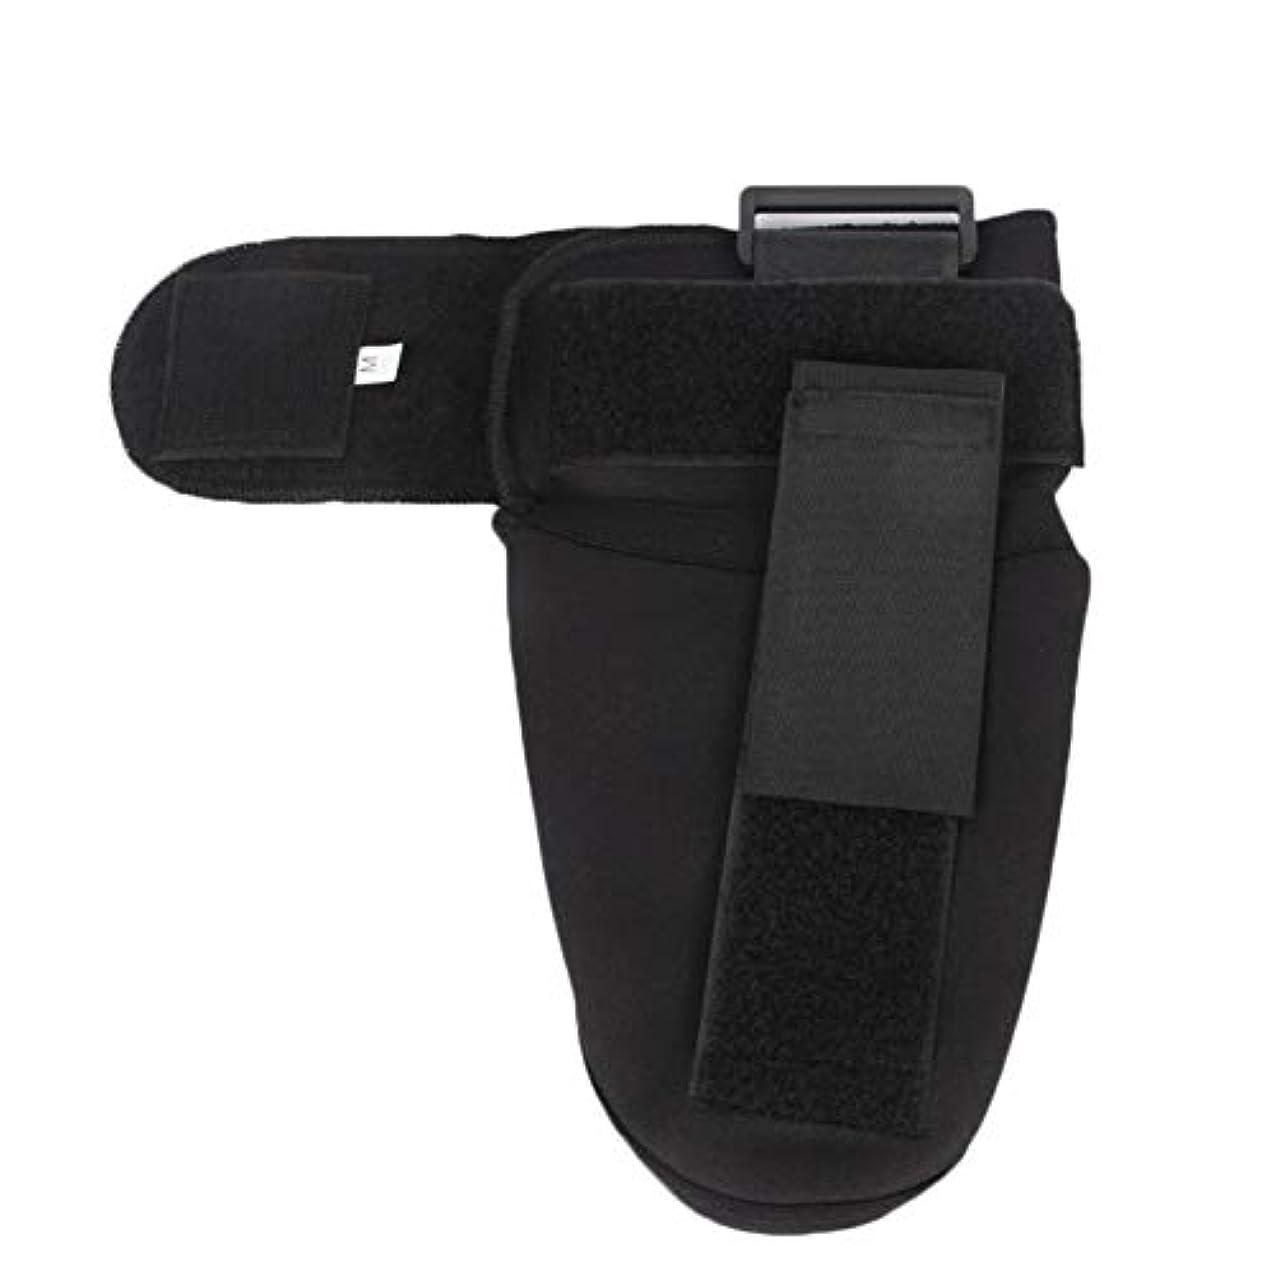 郡電圧明らかにXlp 足の痛みを軽減するための足底足首サポートベルトソフト通気性フットプロテクター